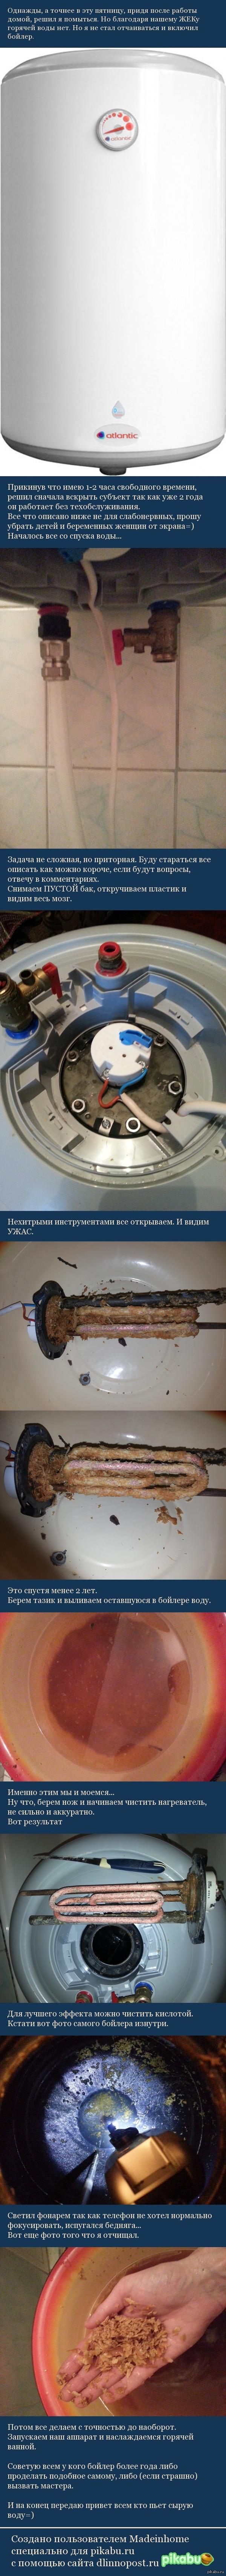 zhenshini-domashnee-sado-mazo-i-golovoy-v-vodu